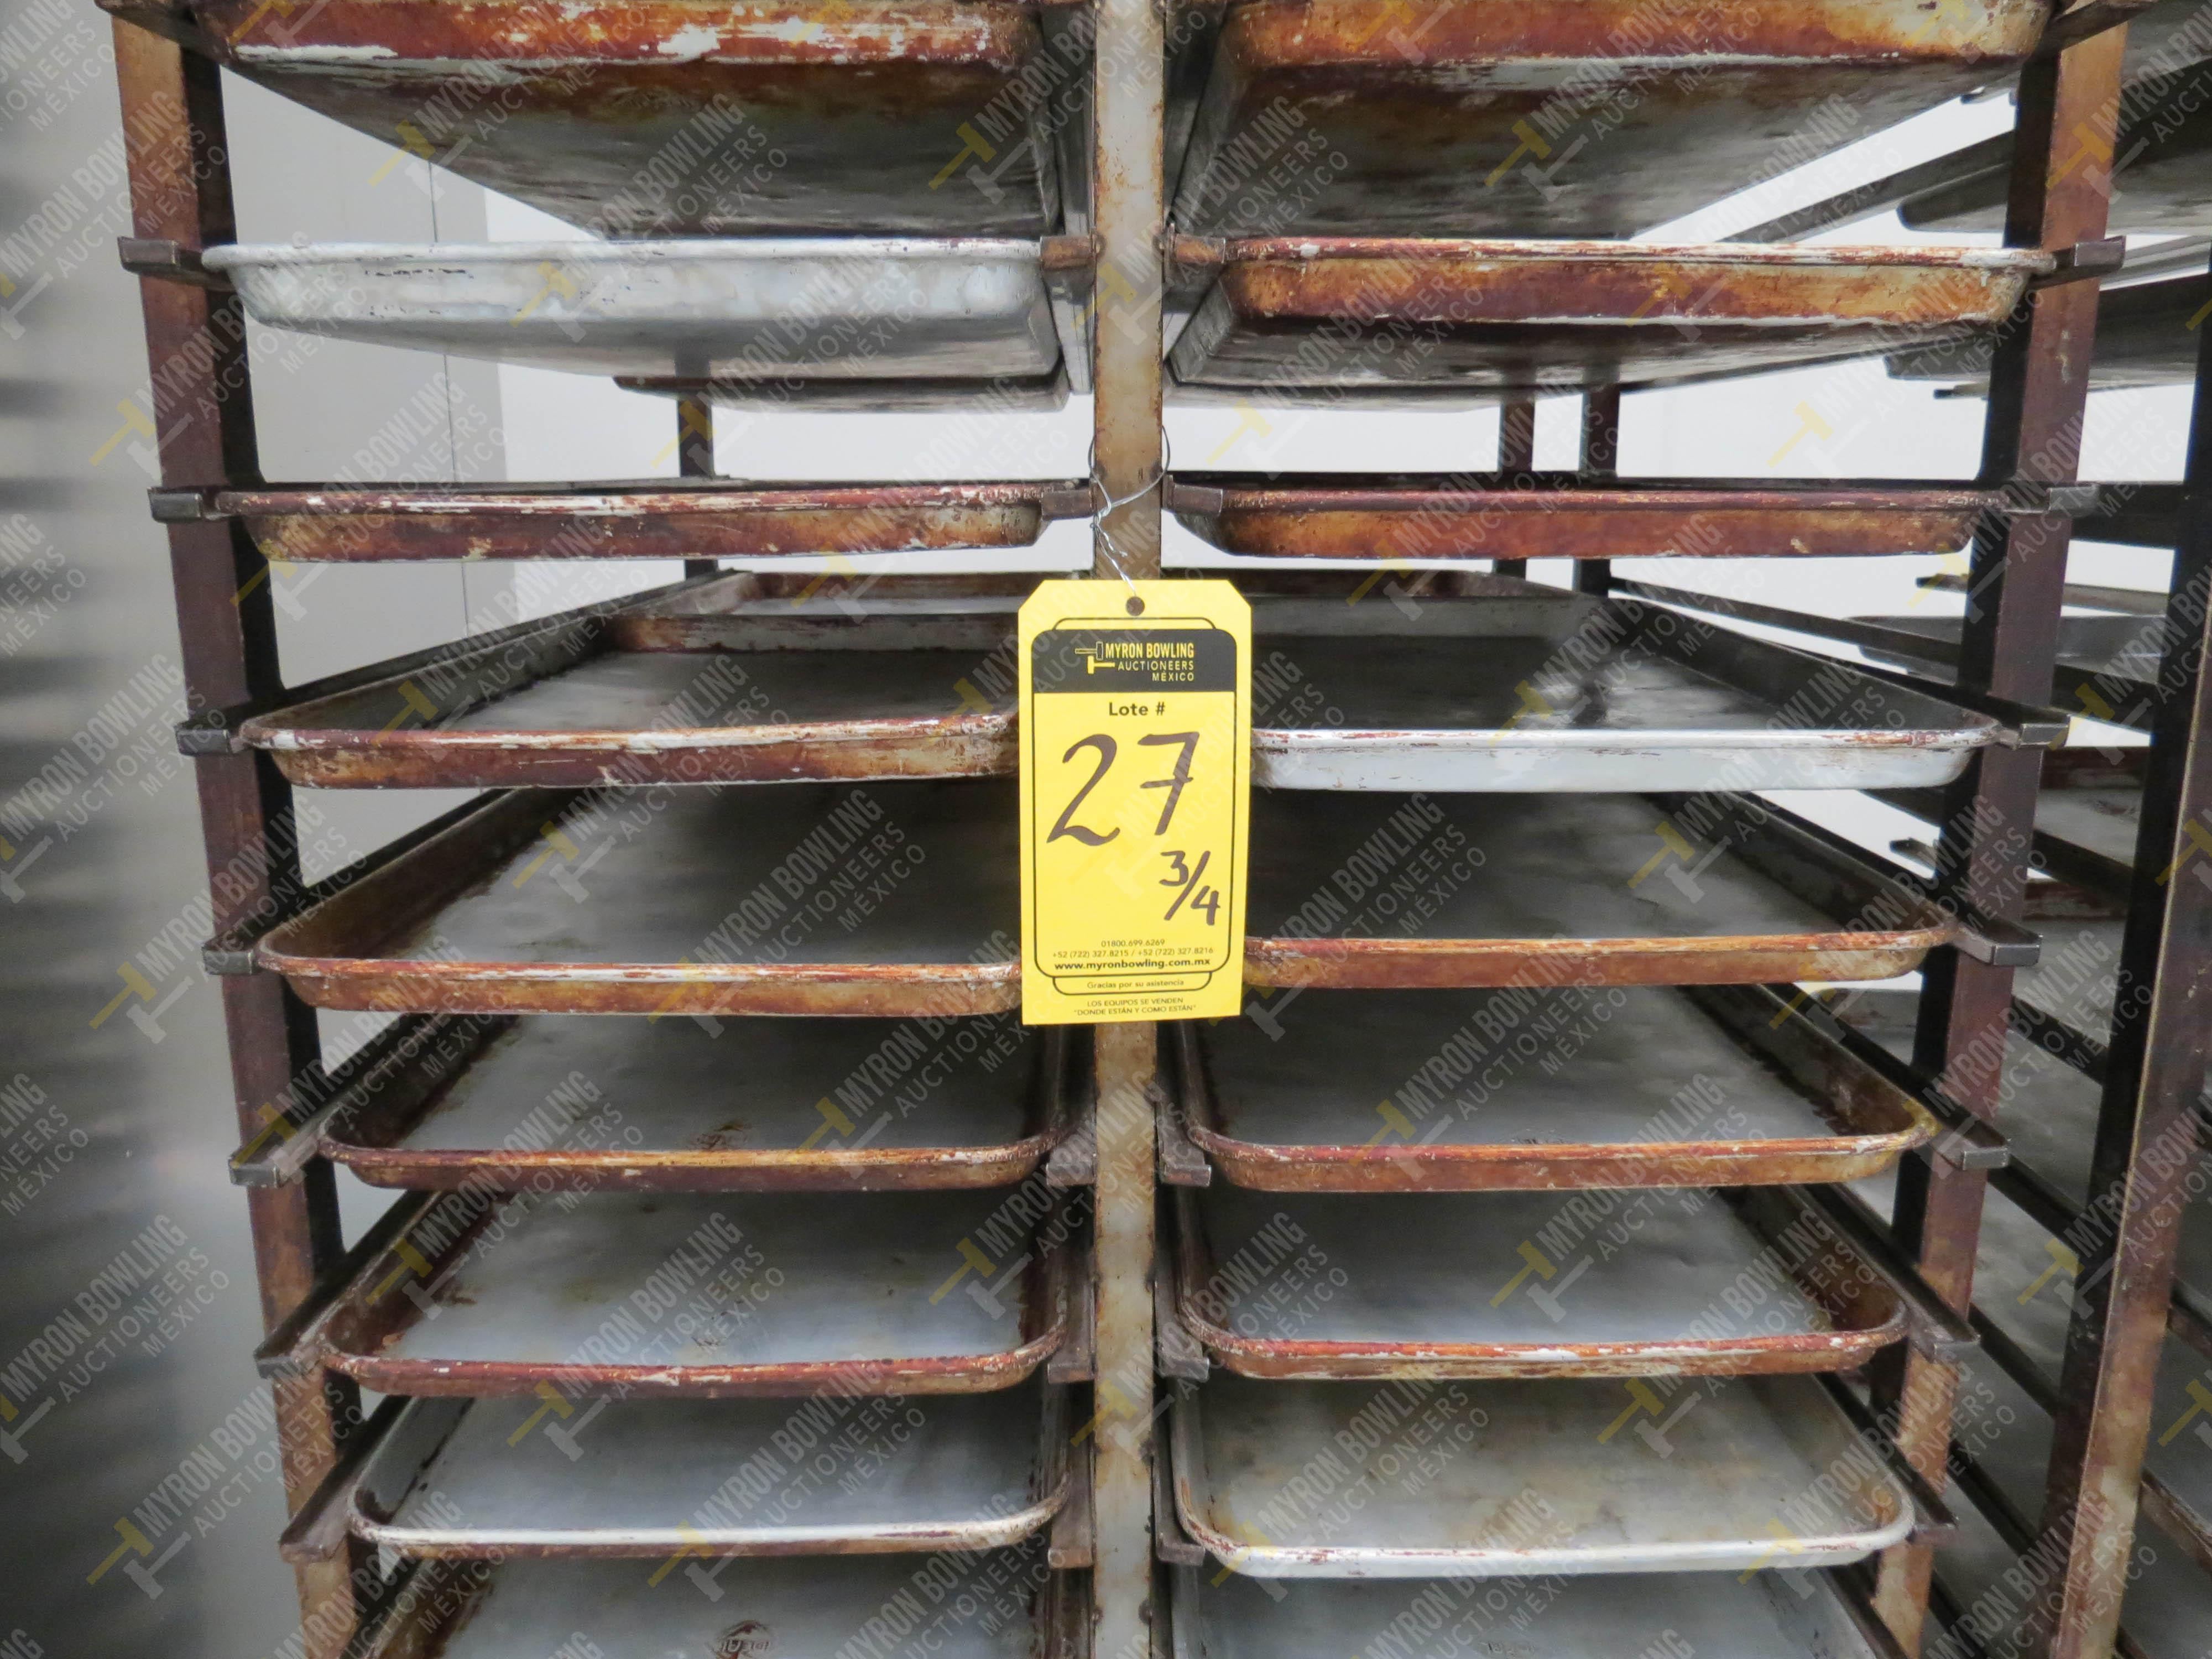 Horno giratorio a gas marca Europan, Modelo LFRN66X92, No. de Serie 6397, año 2007 ... - Image 10 of 13